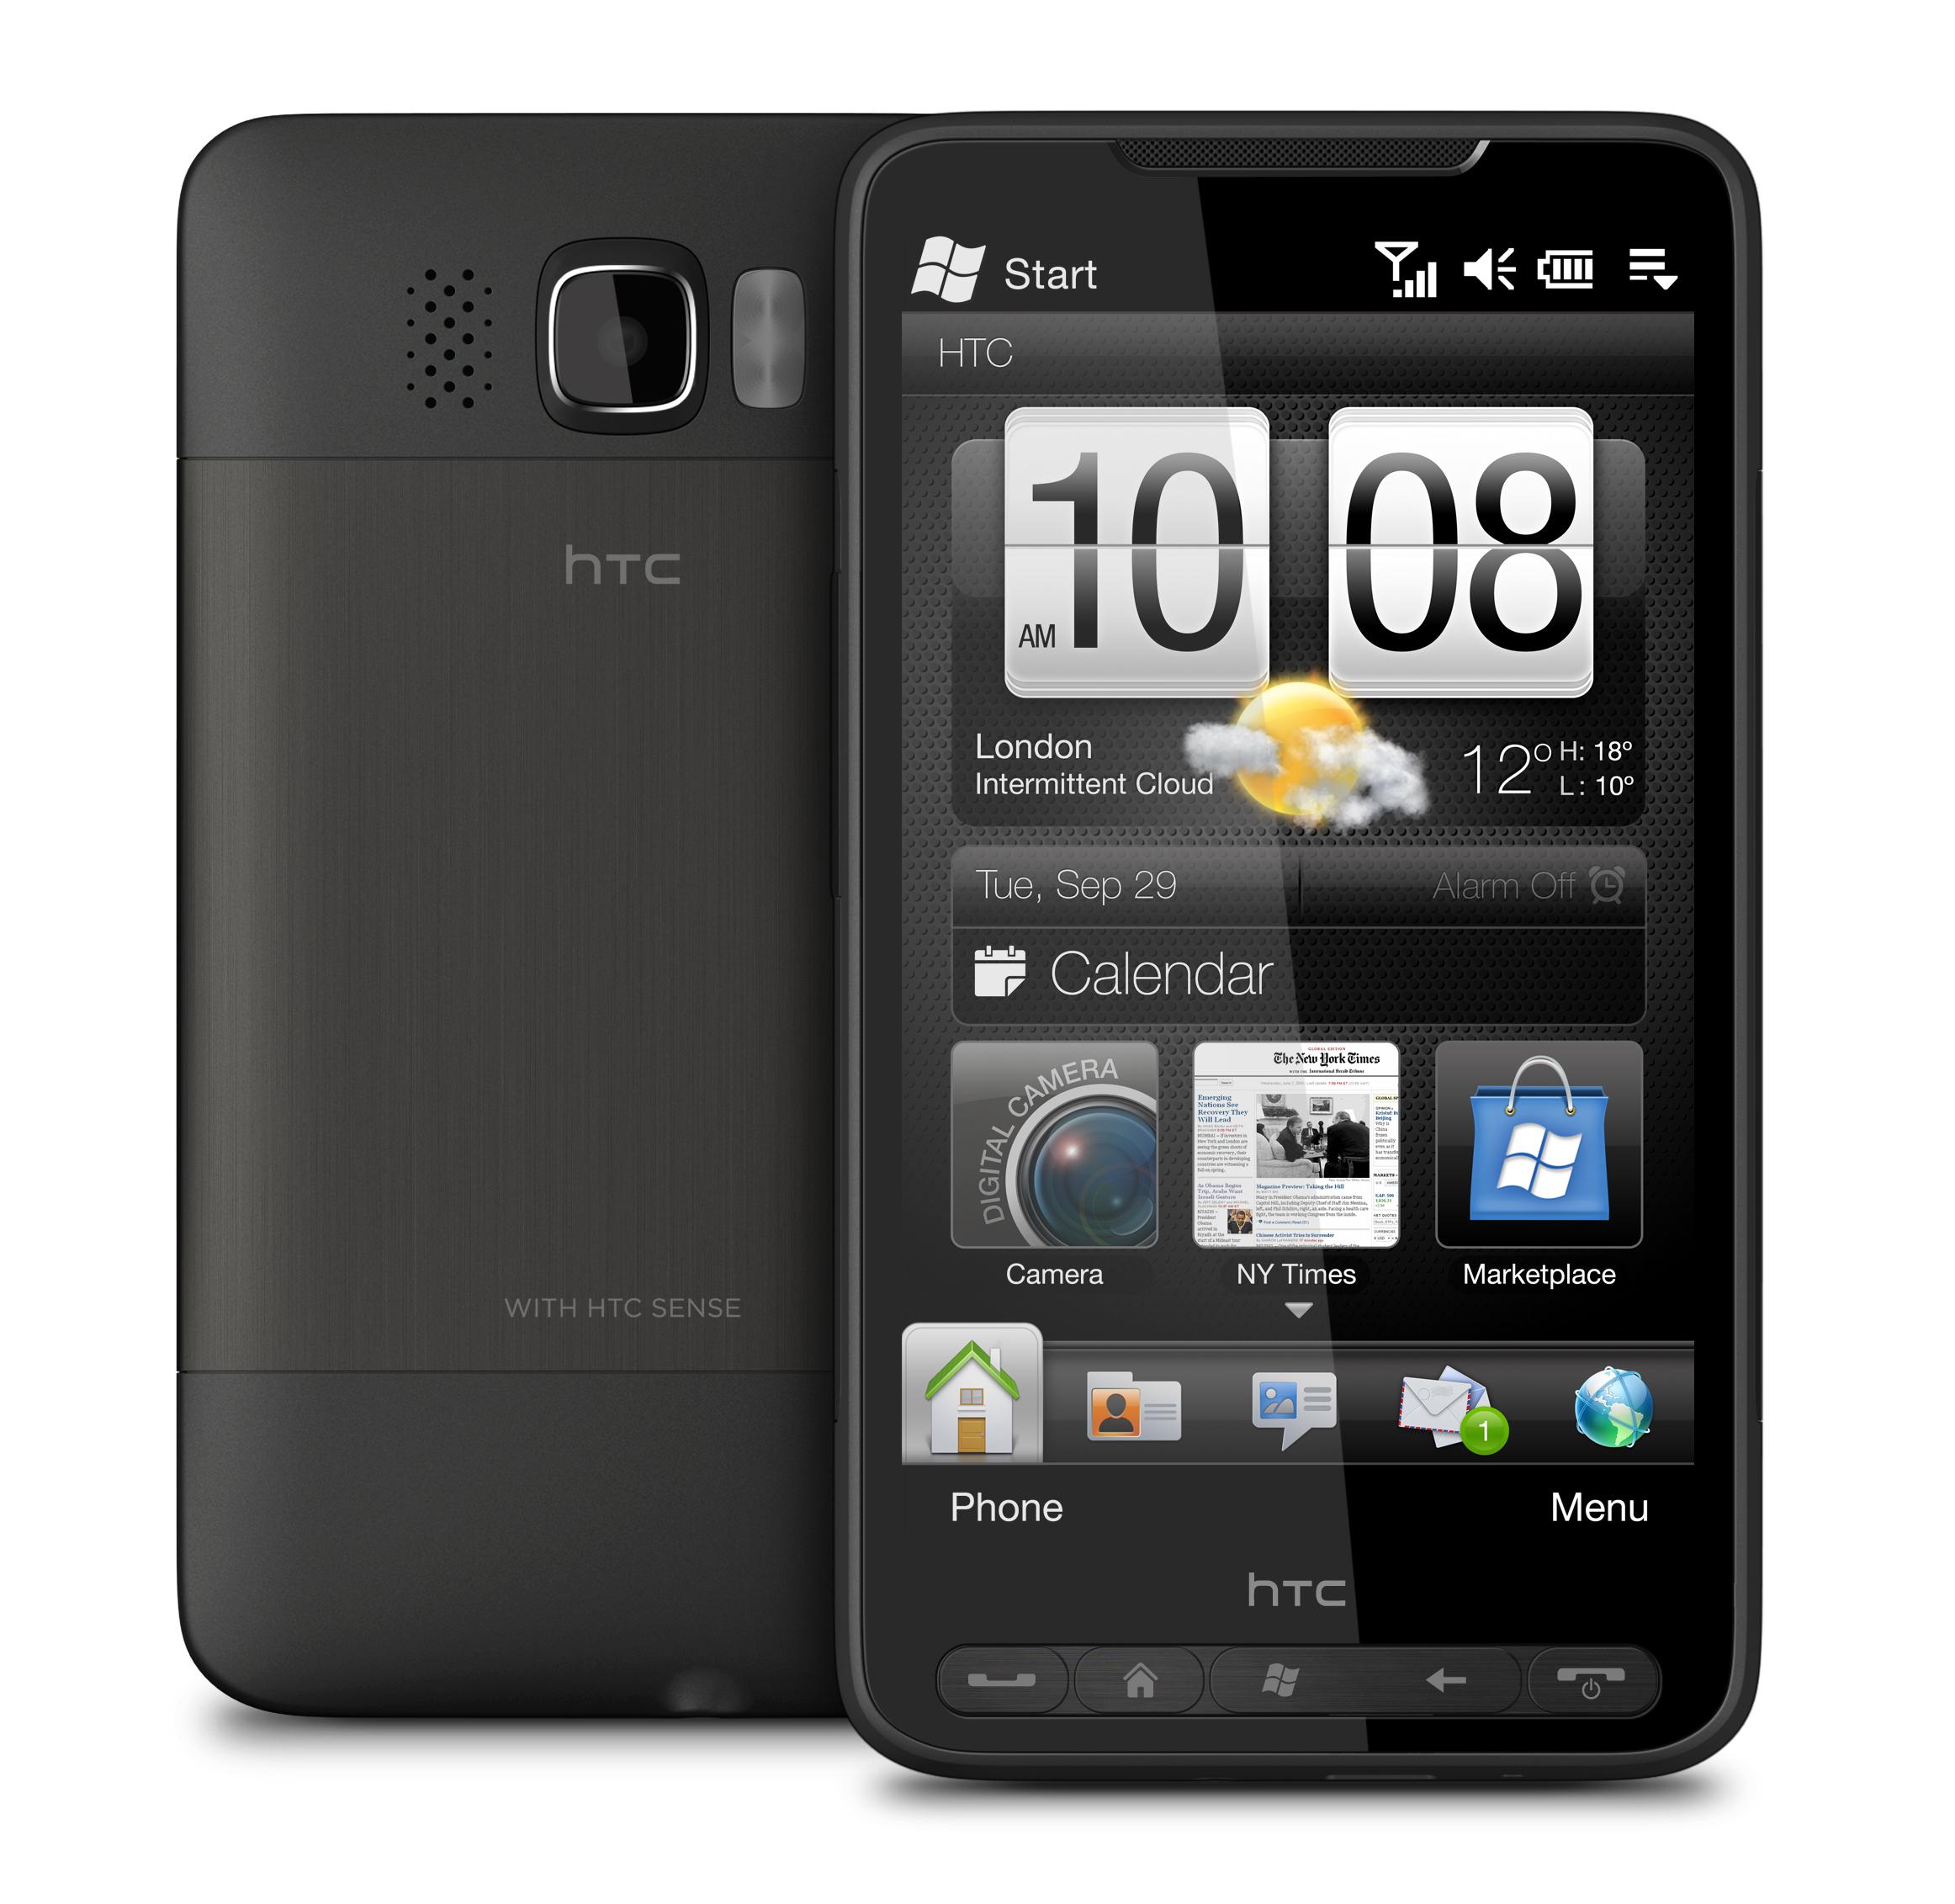 smartfon-legenda-ot-htc-poluchil-novuyu-os